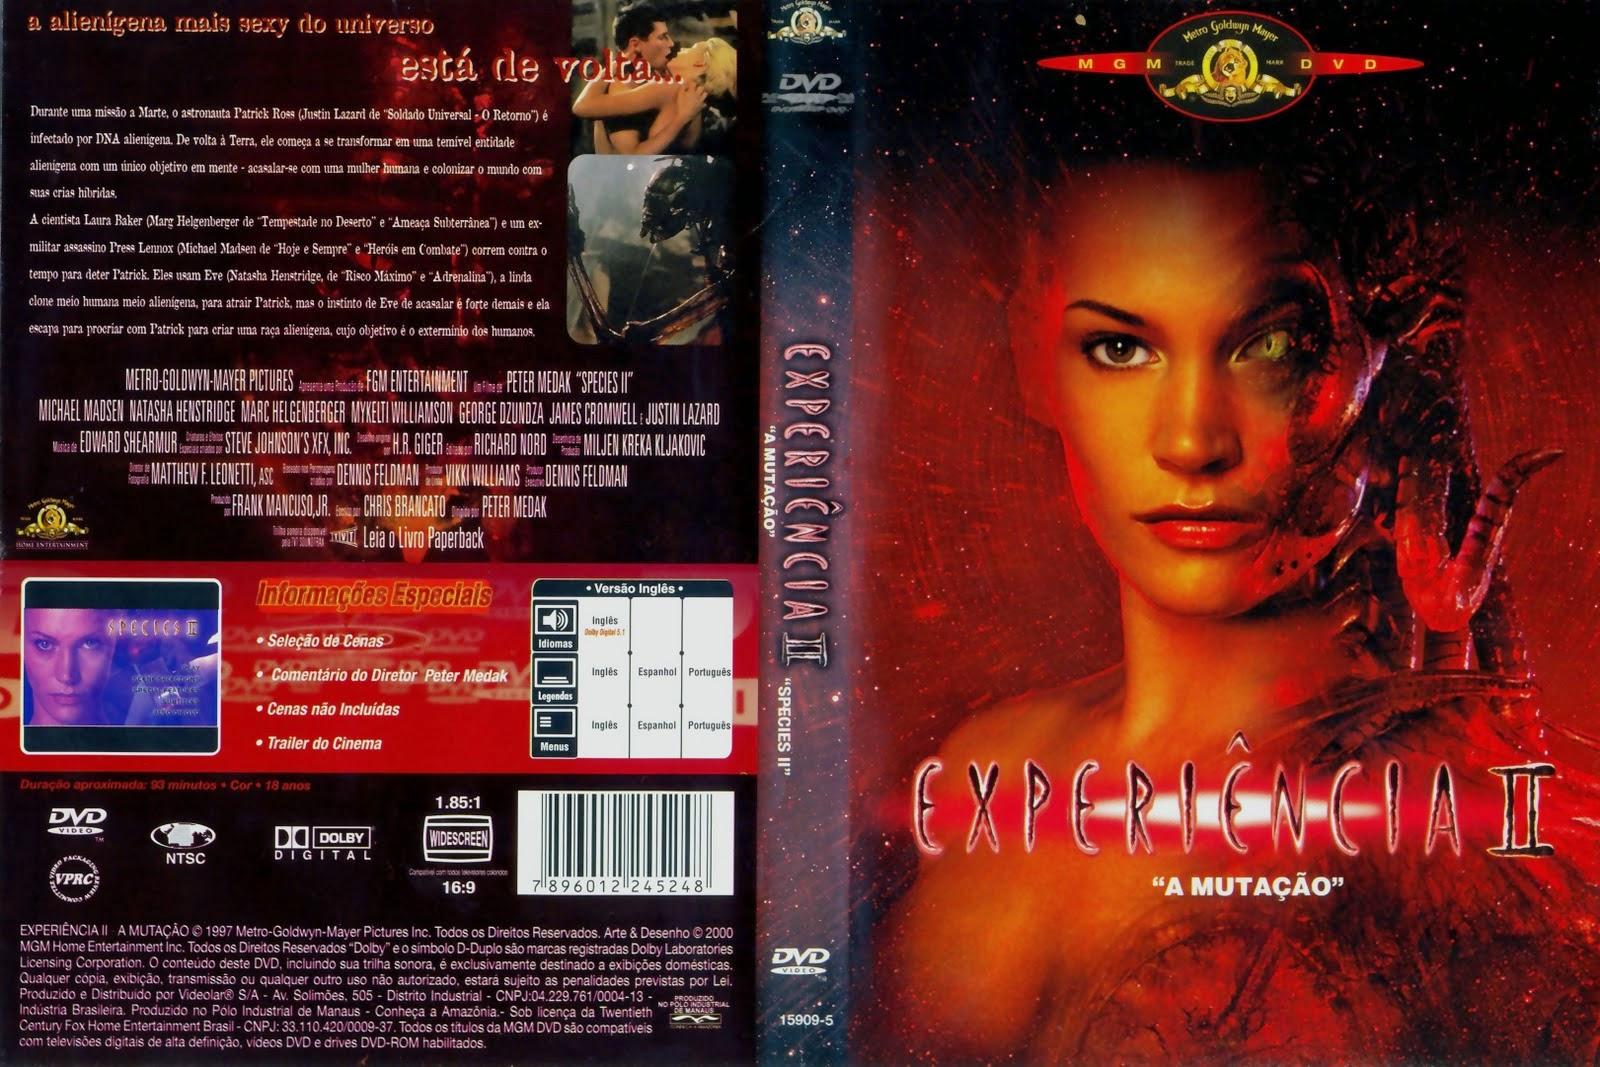 A Experiência 2 DVD Capa